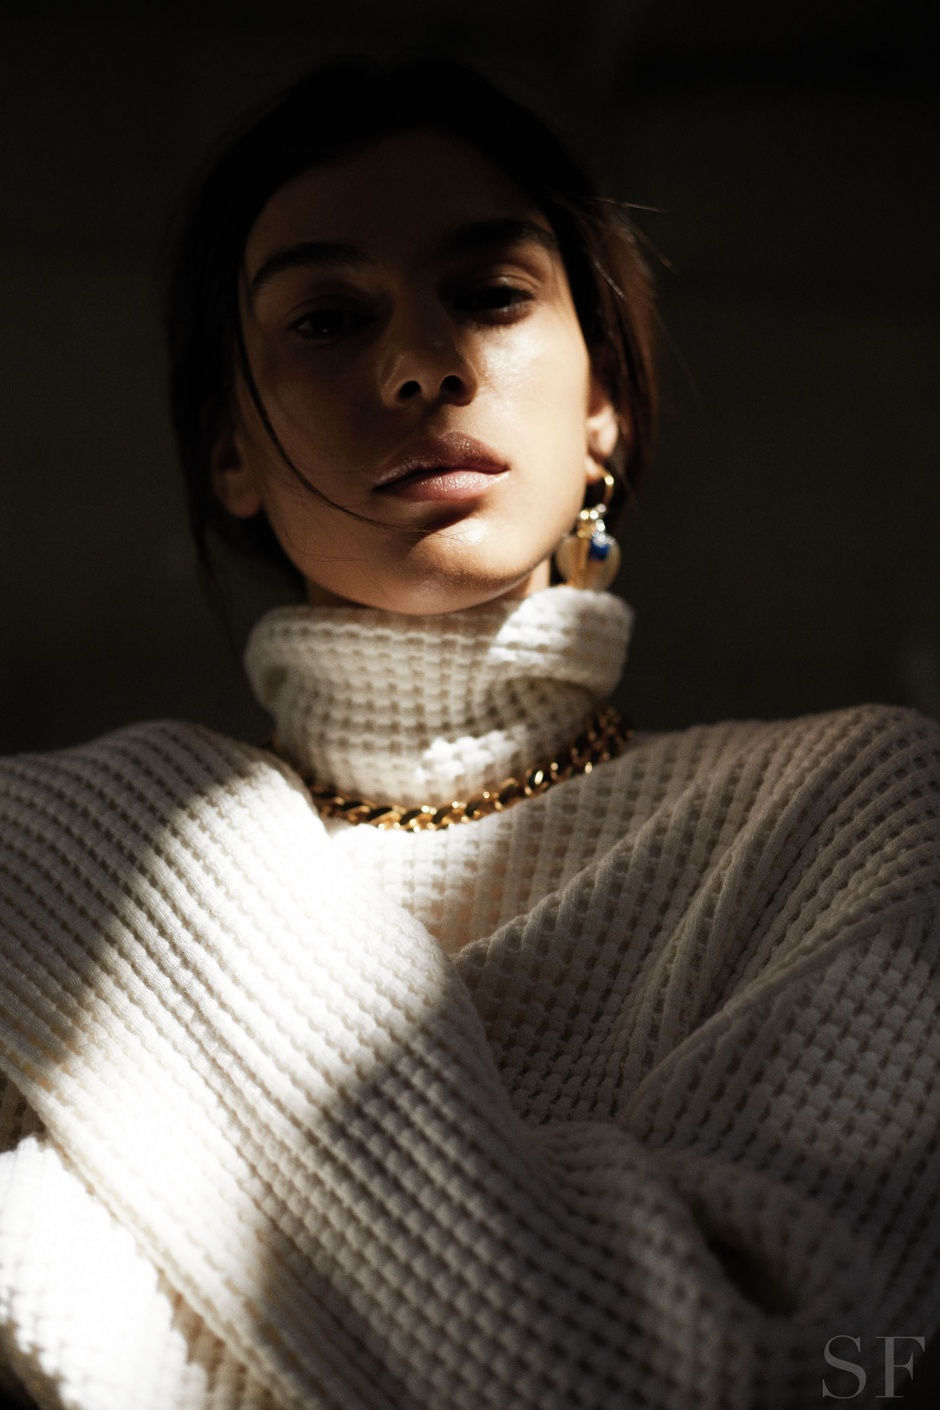 Savoir Flair Bottega Veneta shoot